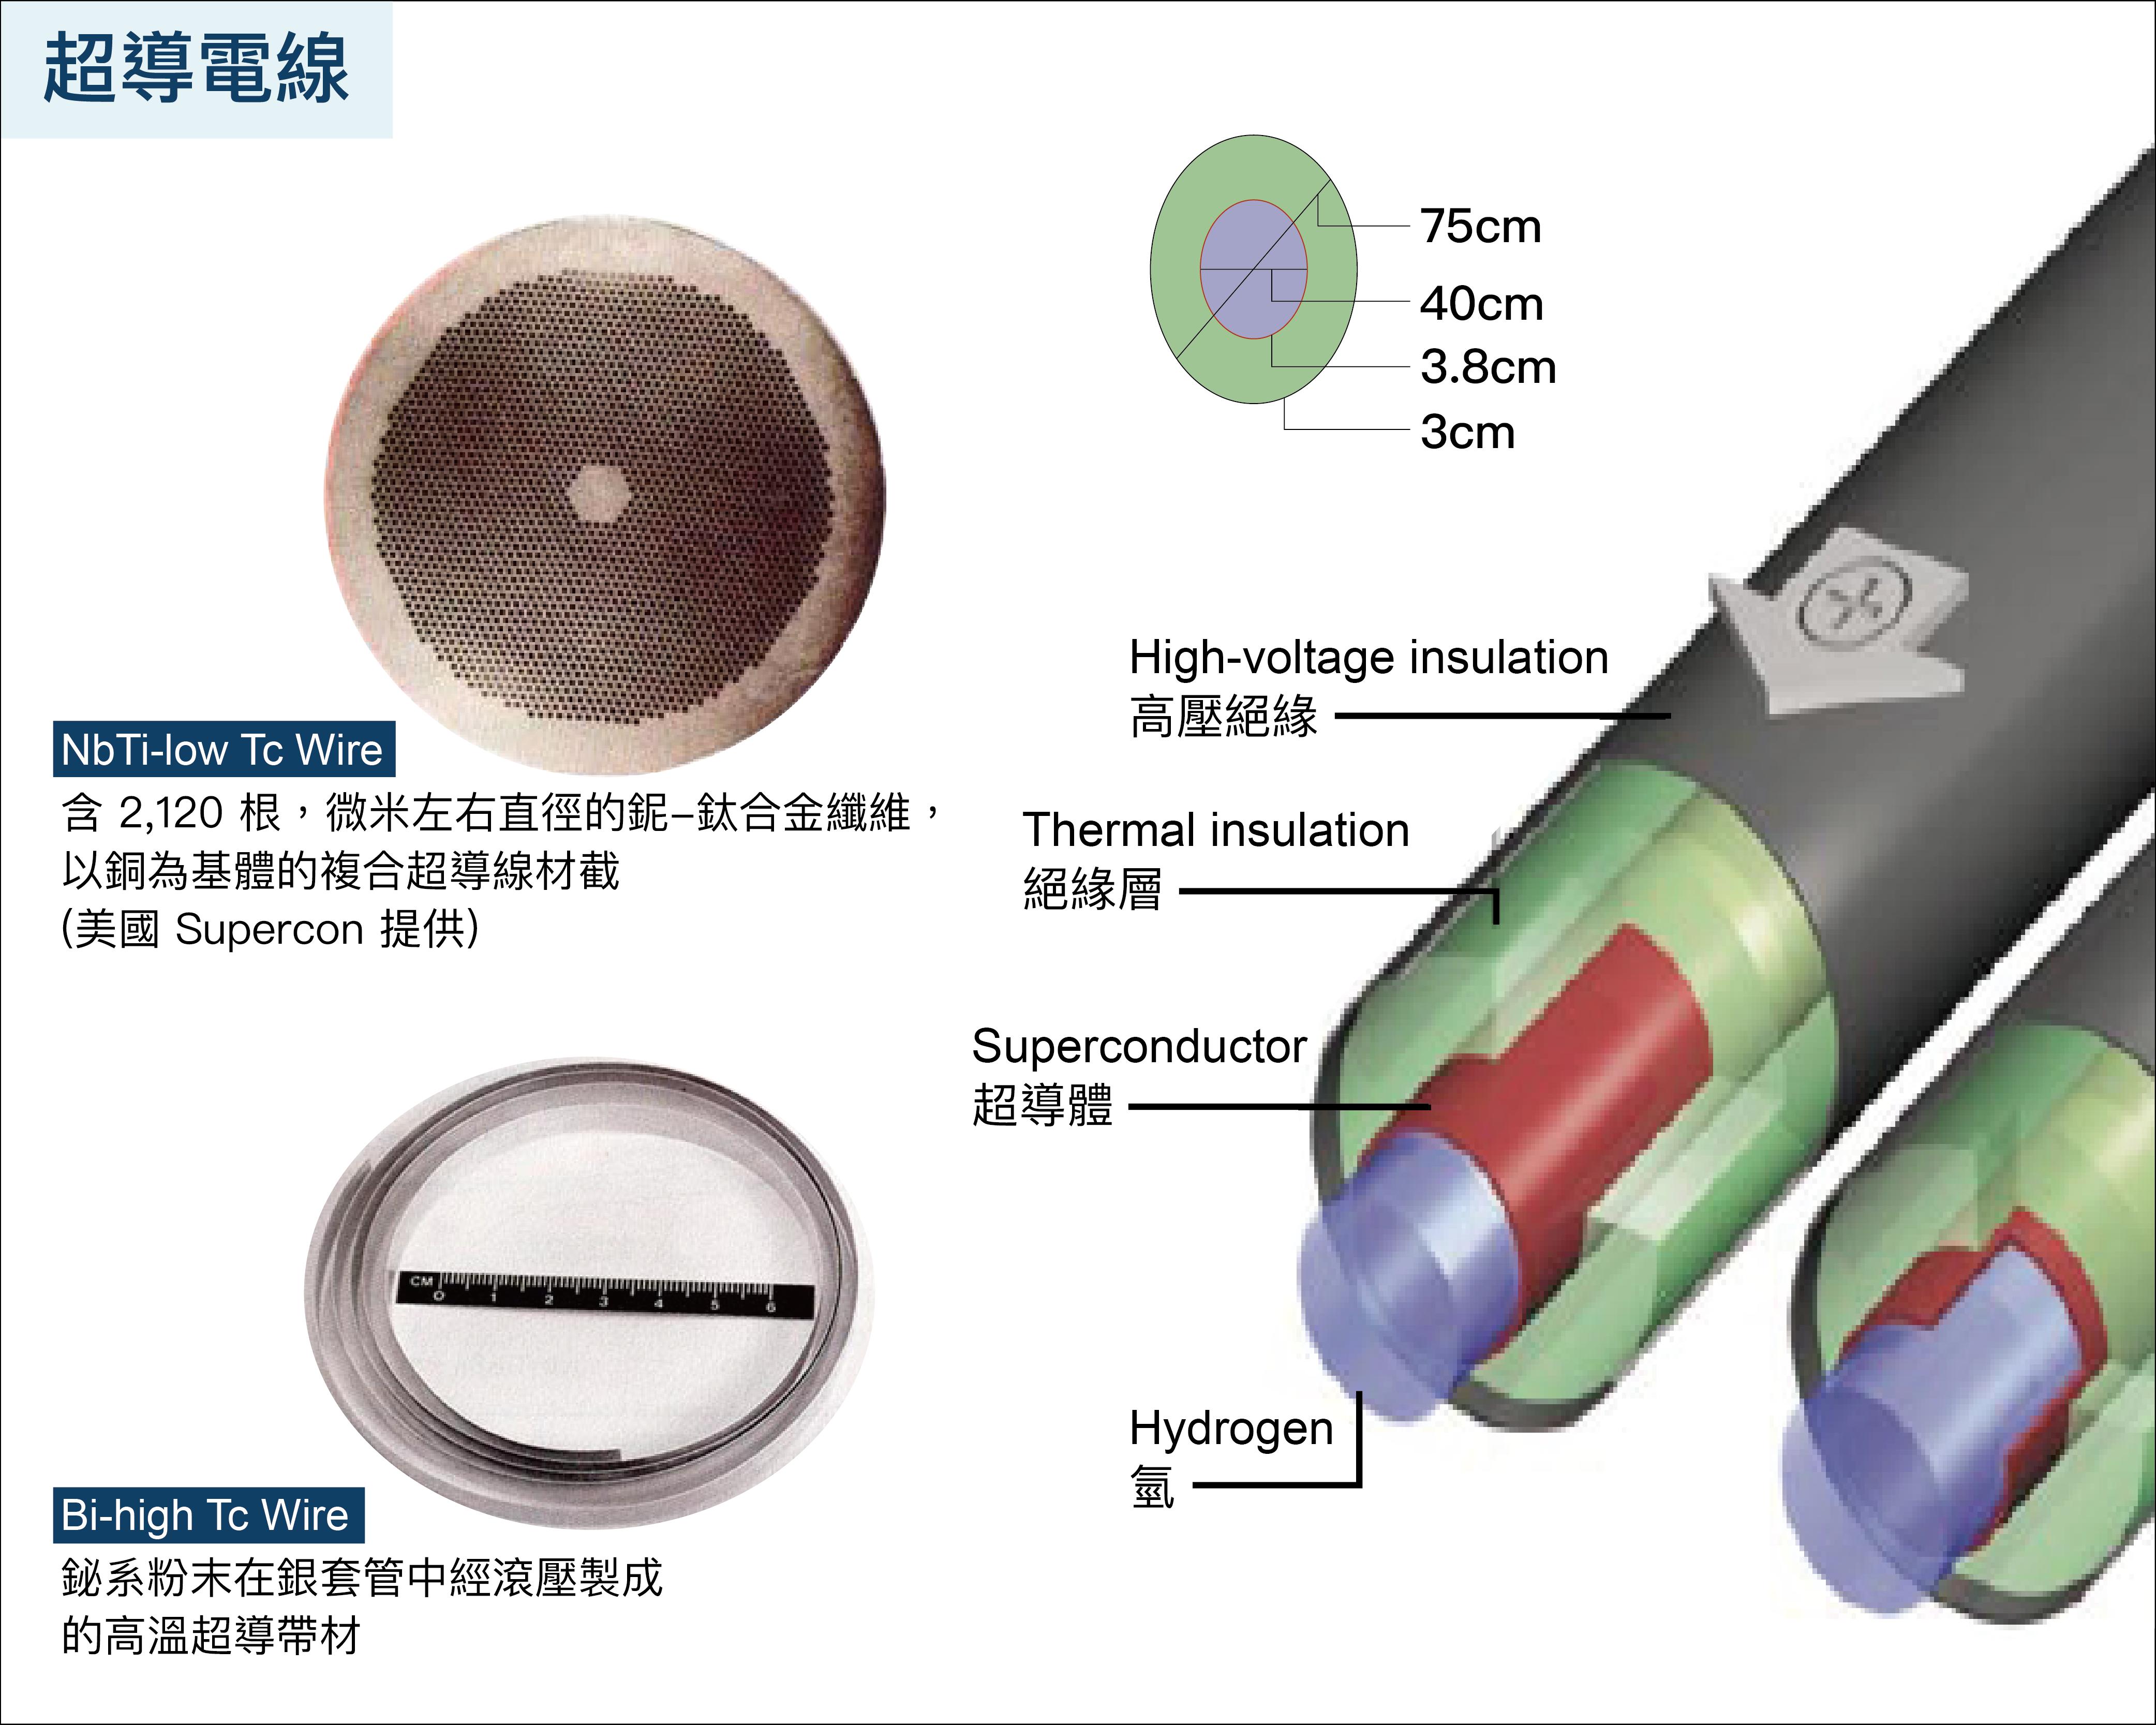 由於超導體「零電阻」的特性,使用超導電性傳輸電流將不會有損耗。圖│研之有物(資料來源│TED x Taipei ─ 熱情點燃超導體,講者:吳茂昆 (影片) )